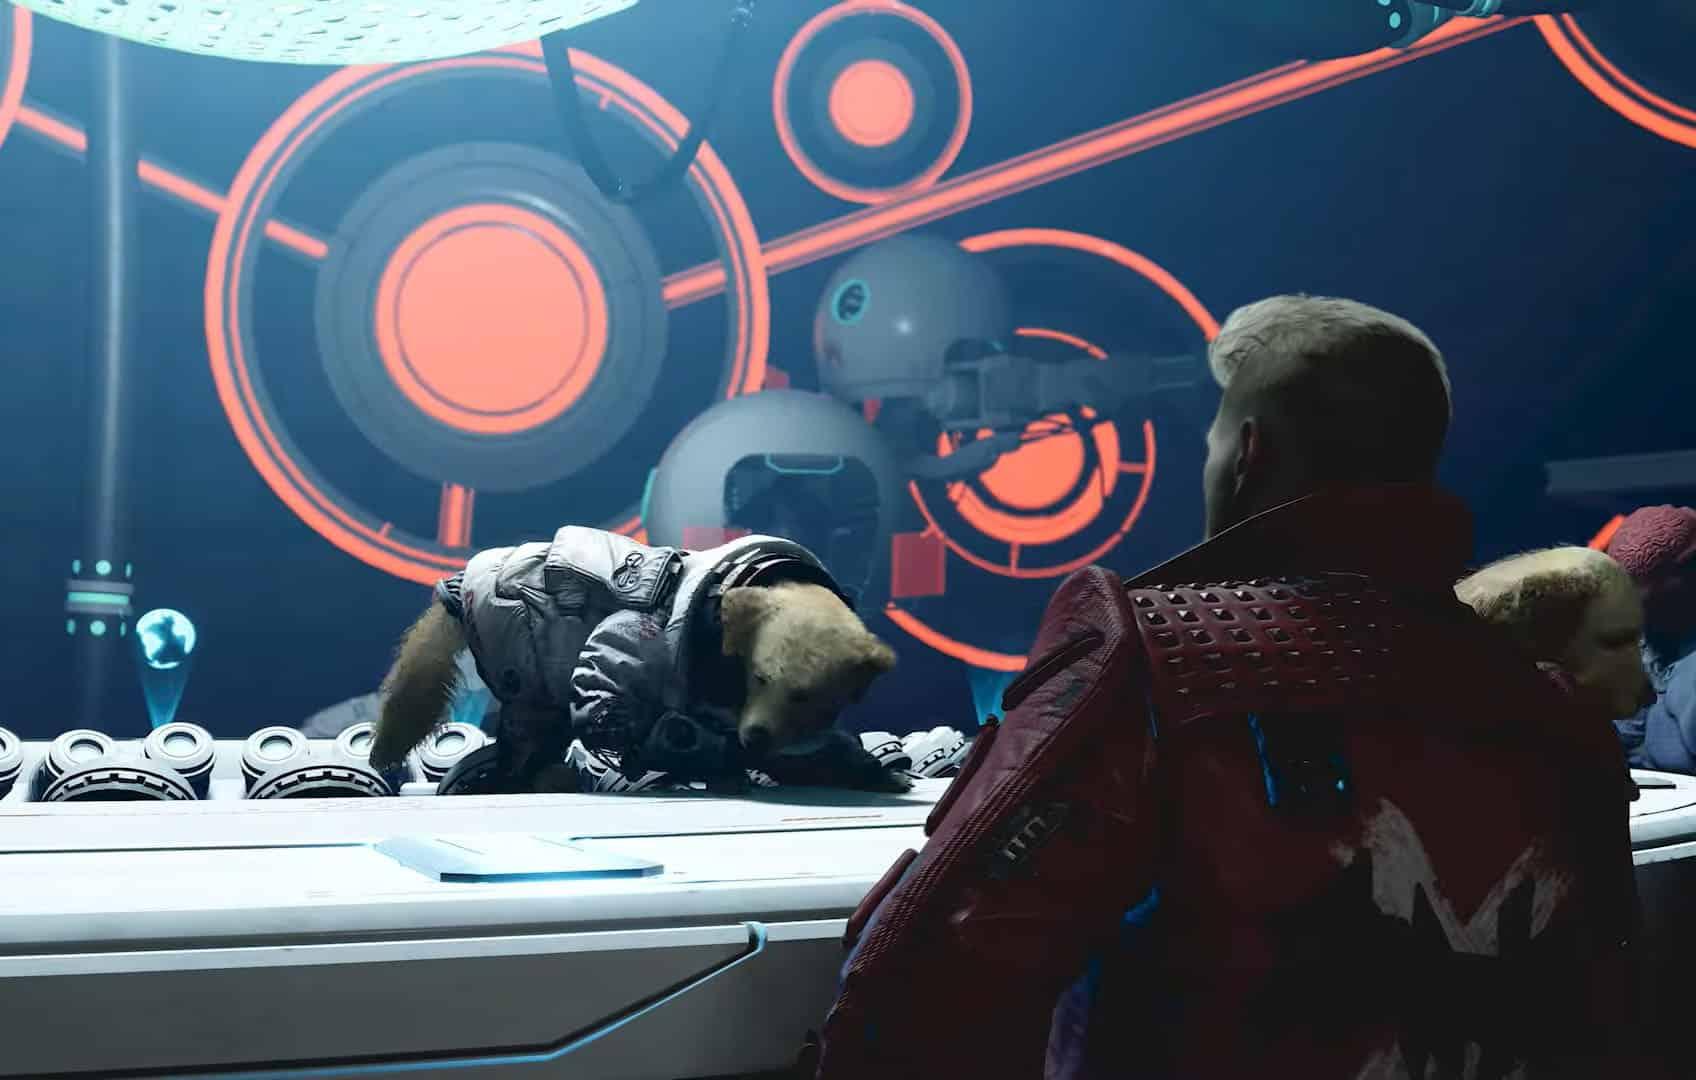 Marvel's Guardians of the Galaxy muestra un nuevo vídeo protagonizado por Cosmo, el perro telepático 2